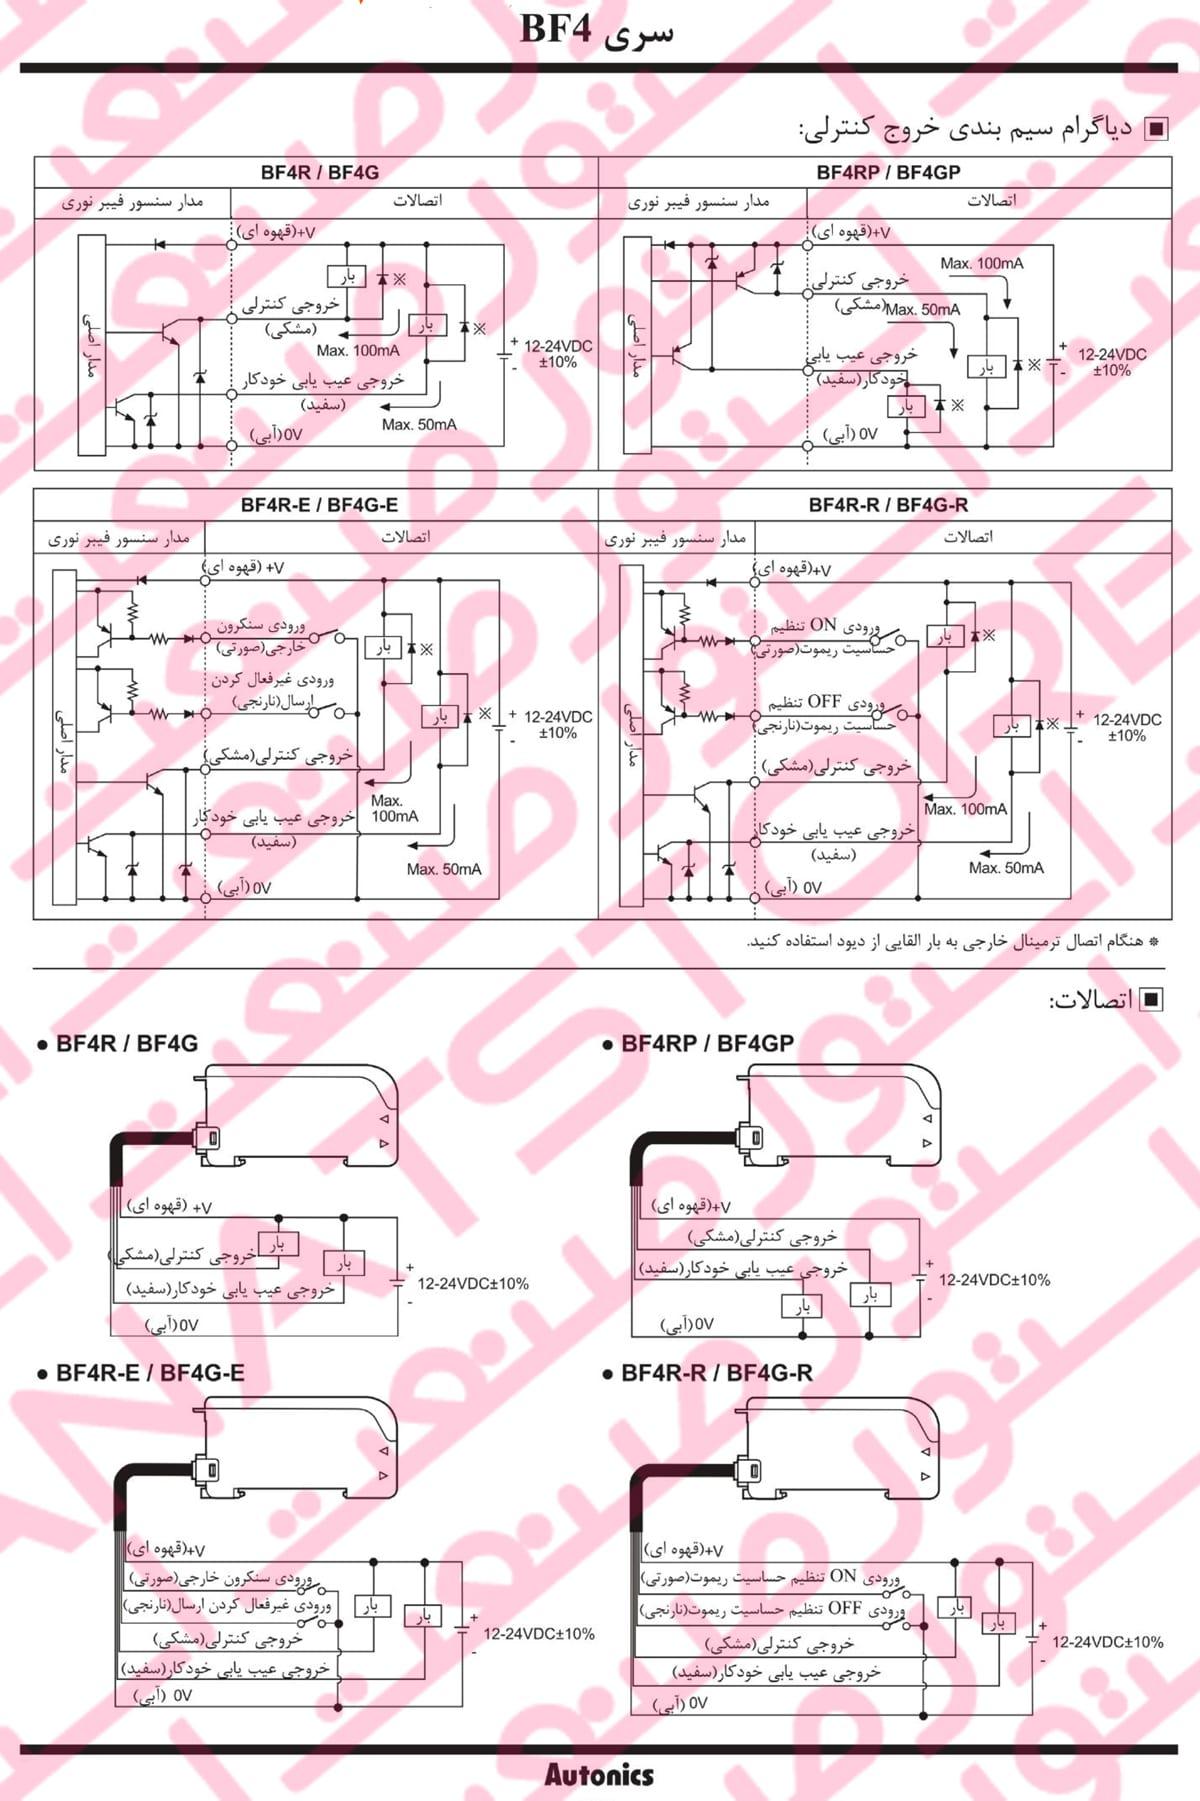 نصب آمپلی فایر فیبر نوری آتونیکس سری BF4 - آمپلی فایر فیبر نوری آتونیکس Autonics مدل BF4RP